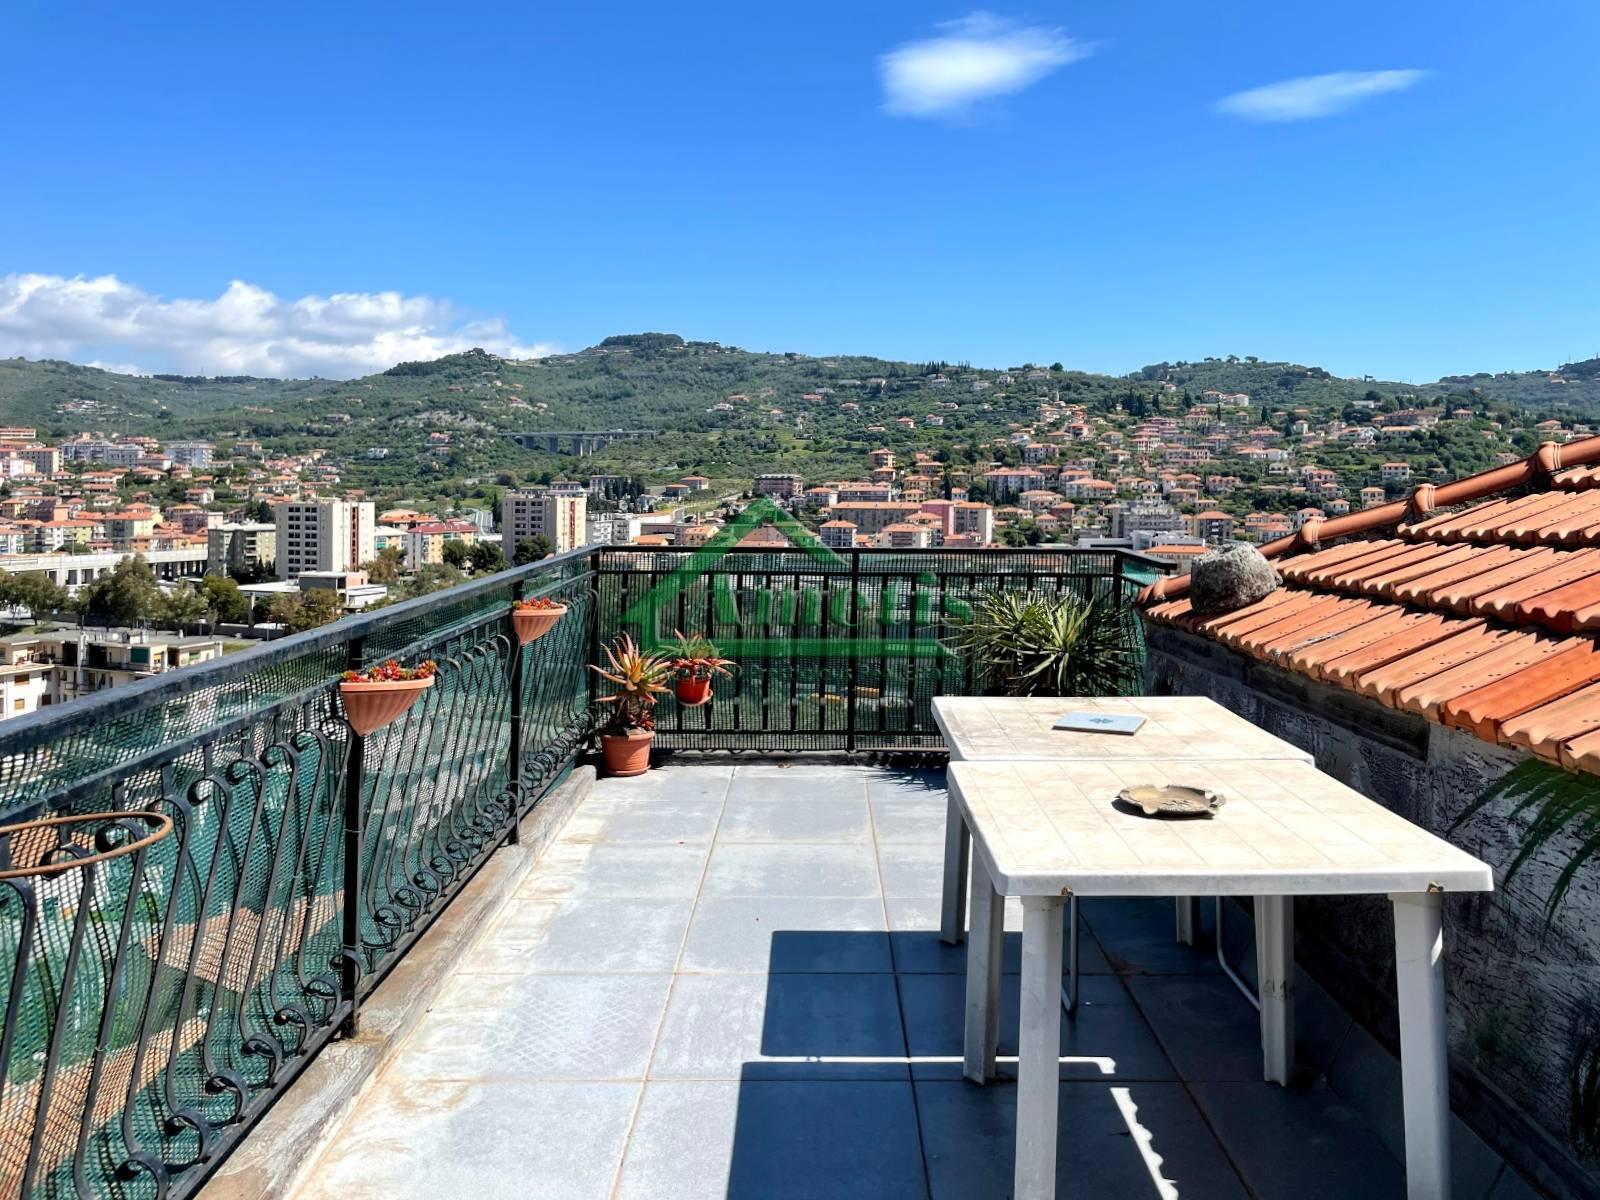 Appartamento in vendita a Imperia, 4 locali, zona Località: Onegliacentro, prezzo € 84.000 | CambioCasa.it